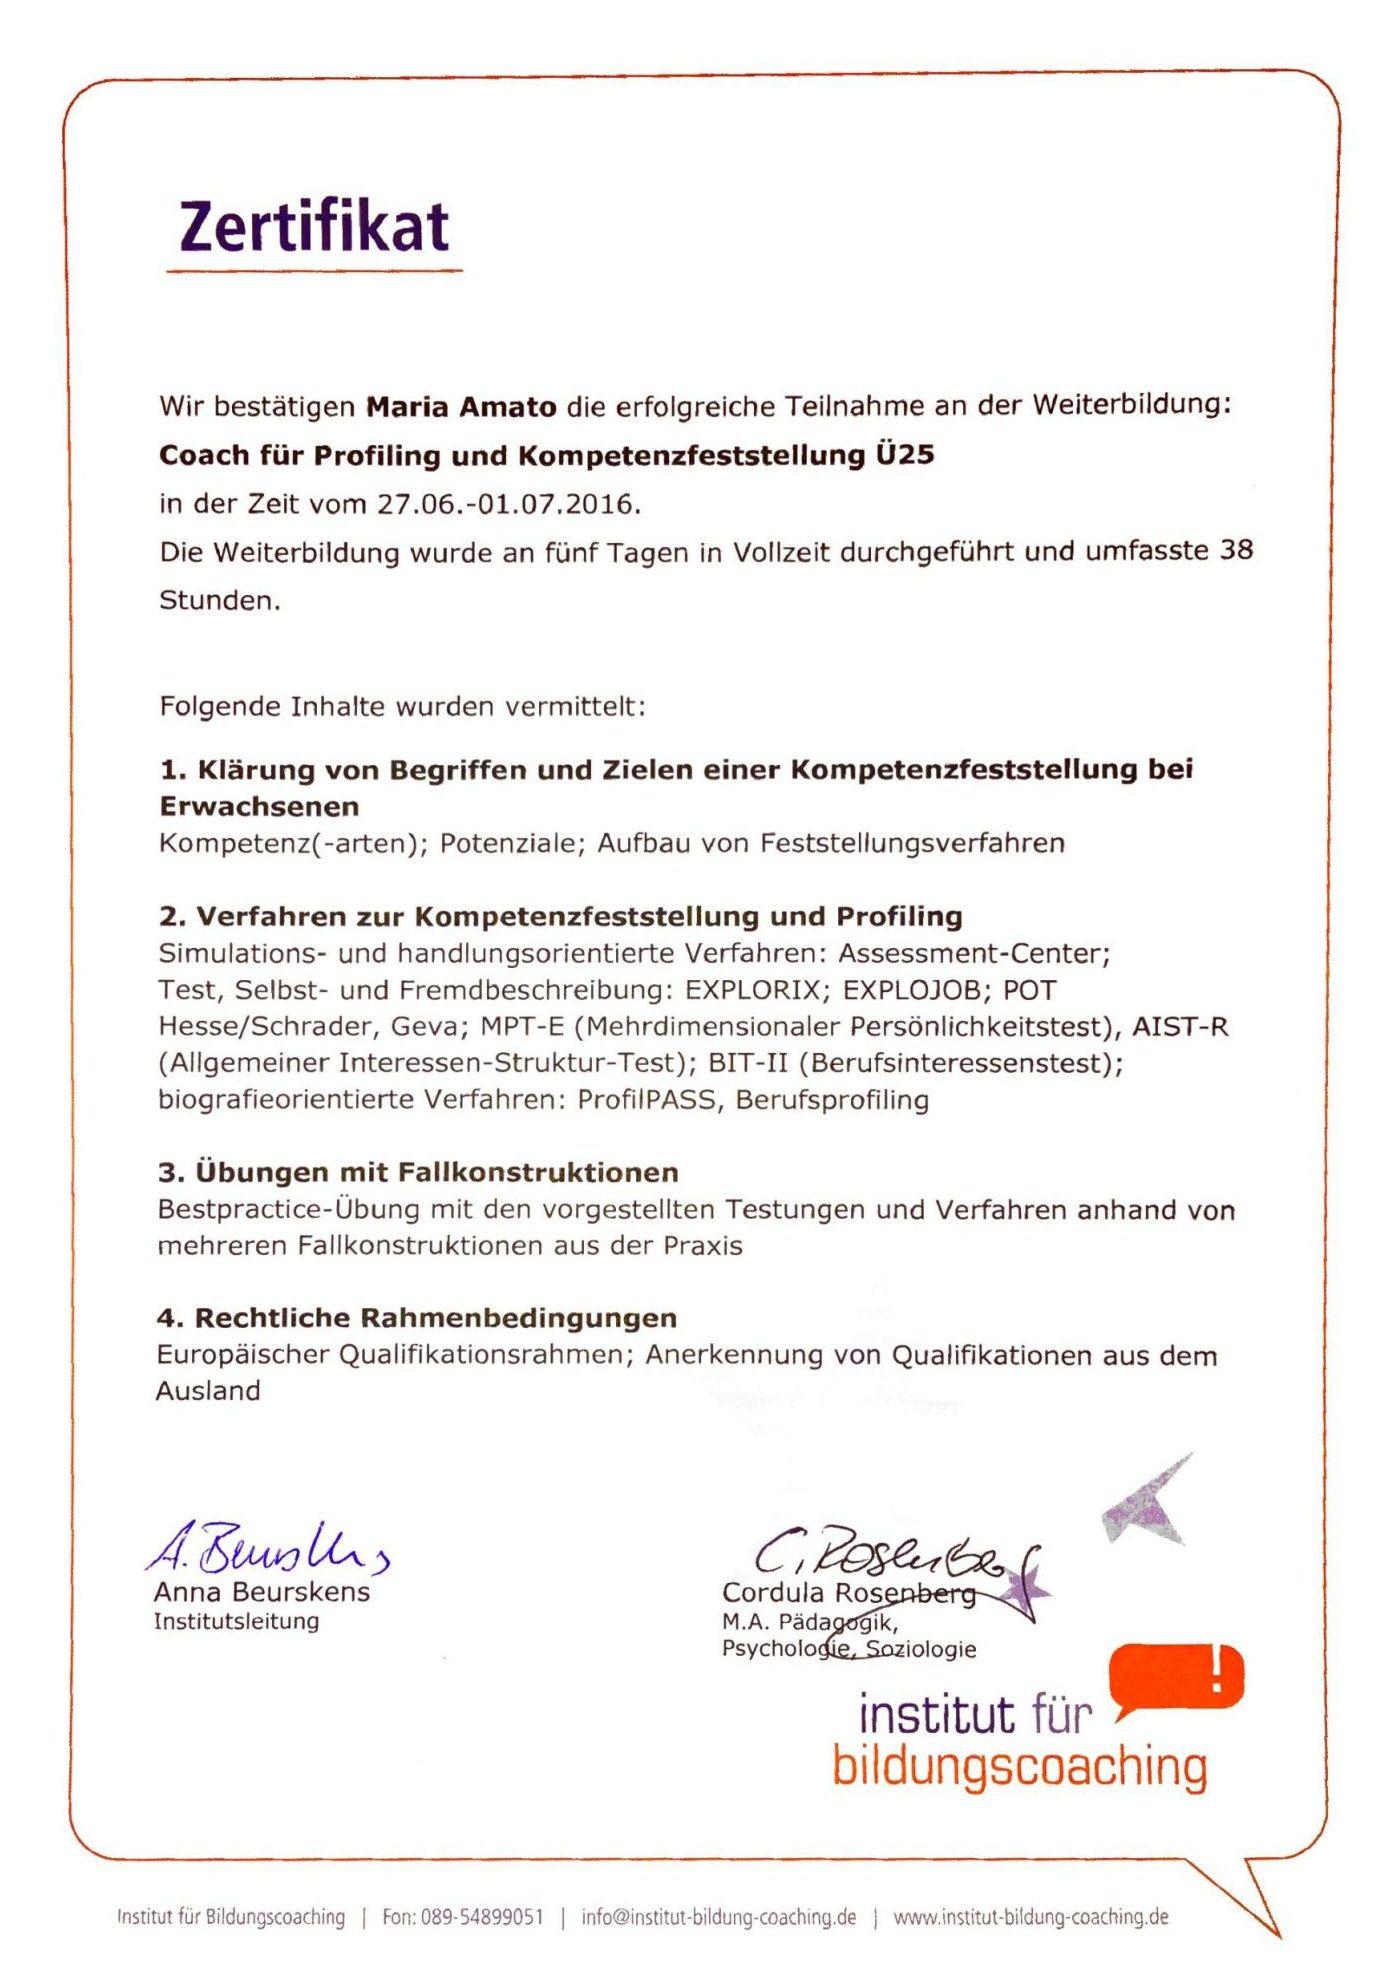 Zertifikat - Coach für Profiling und Kompetenzfeststellung Ü25